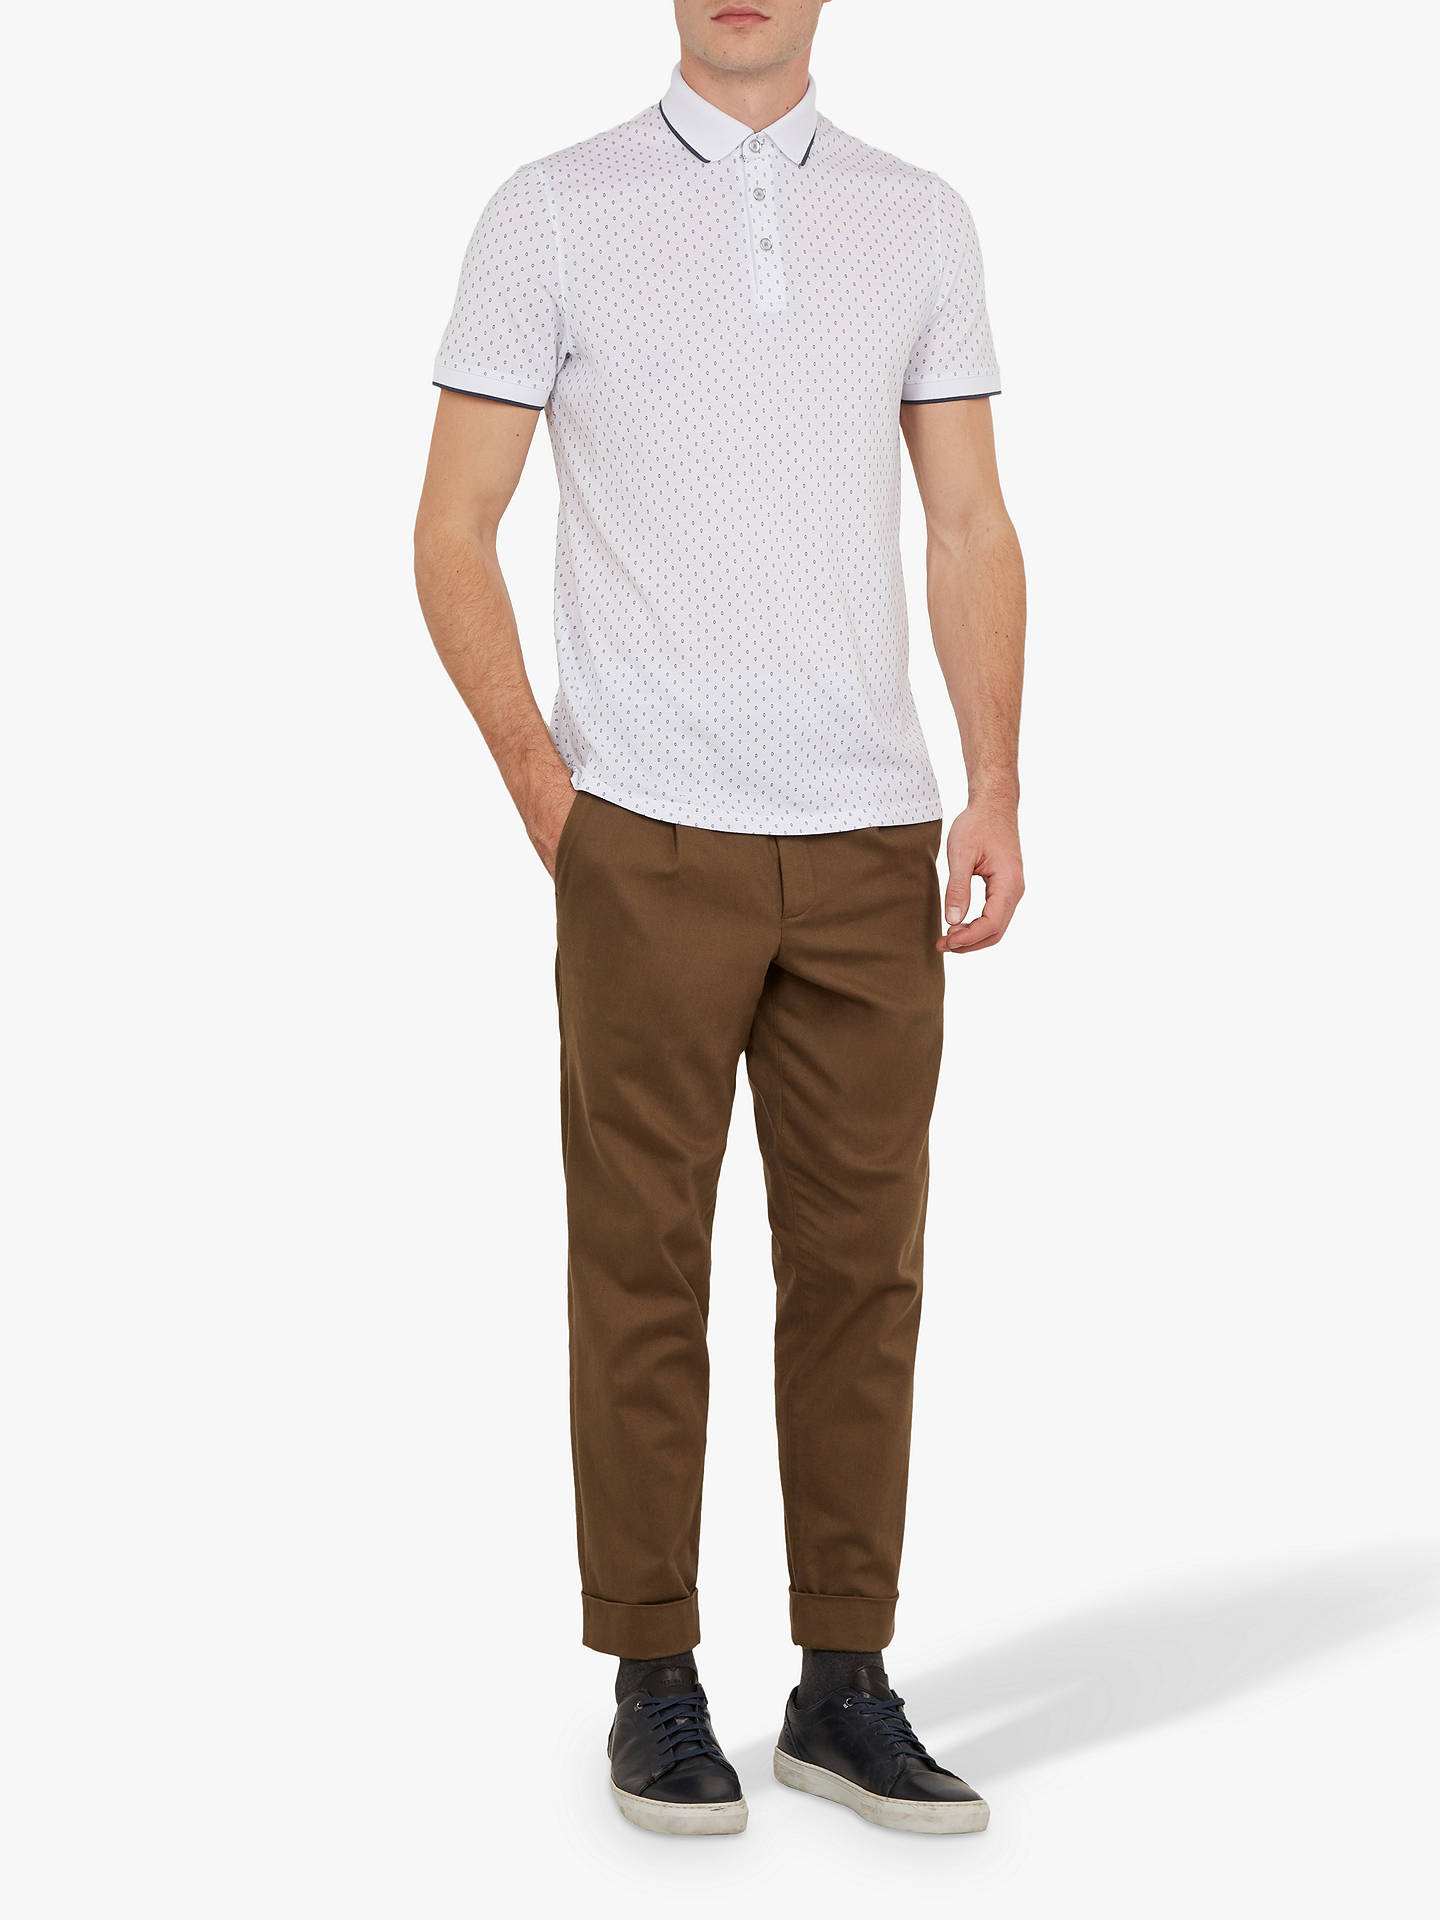 0a676bd46 Ted Baker Toff Short Sleeve Circle Print Polo Shirt at John Lewis ...